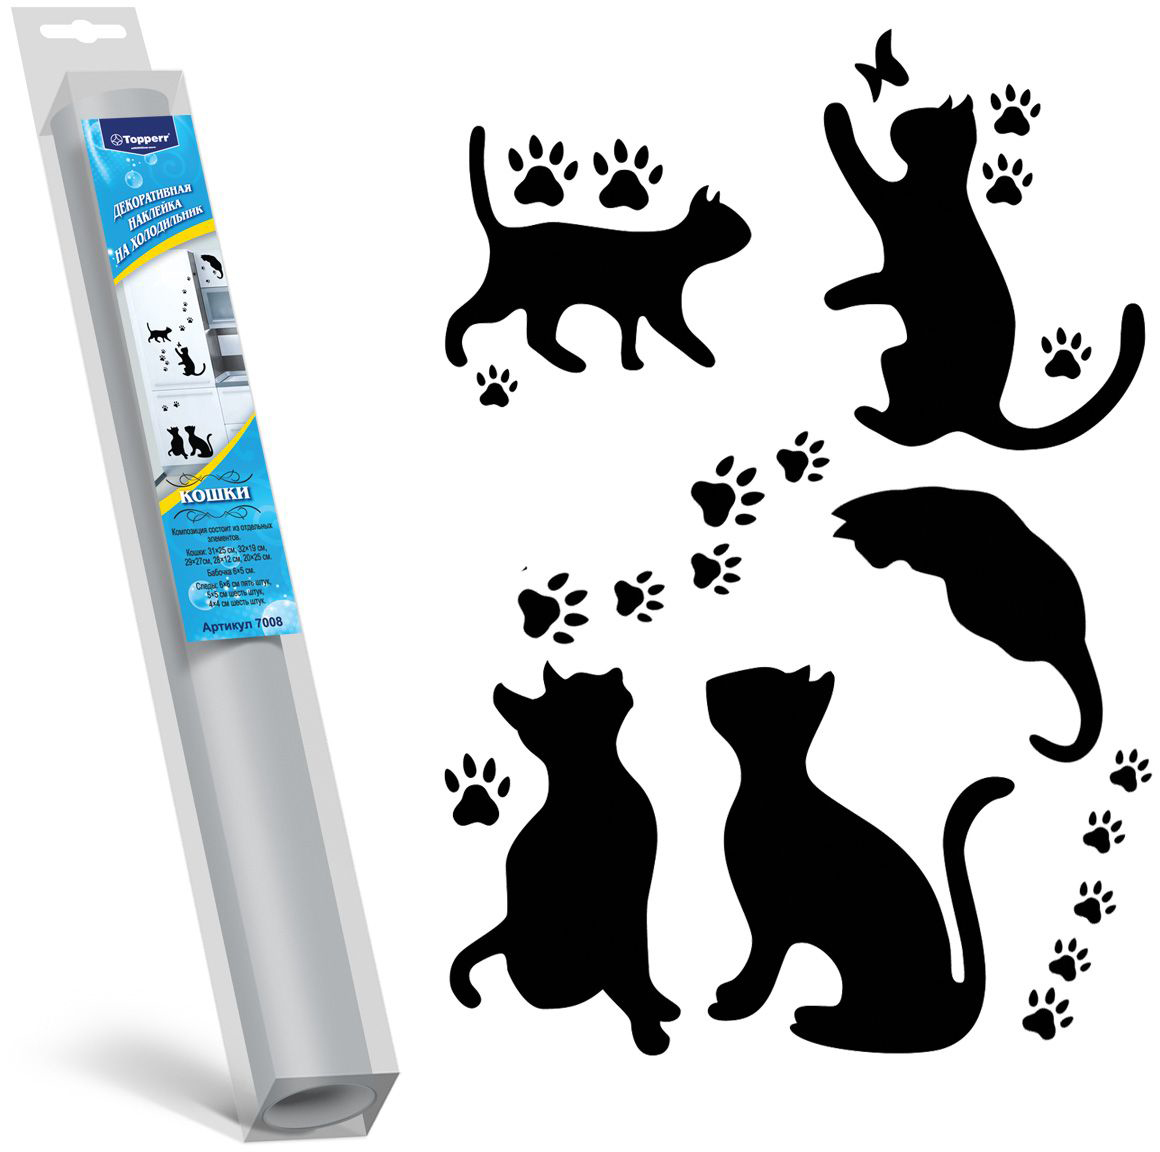 Декоративная наклейка Topperr Кошки для холодильников7008Декоративная цветная наклейка на холодильник из винила Кошки. Композиция из пяти кошек и следов. Состоит из отдельных элементов. Кошки: 31,5 х 25,5 см, 32,5 х 19 см, 29 х 27см, 28,5 х 12,5 см, 19,5 х 25,5 см. Бабочка: 6 х 5 см. Следы: 6,5 х 6 см – 5 шт., 5 х 5 см – 6 шт., 4 х 4 см – 6 шт.Способ применения:Достаньте композицию из упаковки. Наклеивать нужно на чистую и сухую поверхность. Аккуратно отделите рисунок от бумаги. Смочите оборотную сторону мыльным раствором. Начинать приклеивать композицию лучше сверху. Приклеивайте рисунок на поверхность, тщательно разглаживания композицию по направлению от середины к краям.В упаковке: 1 шт.